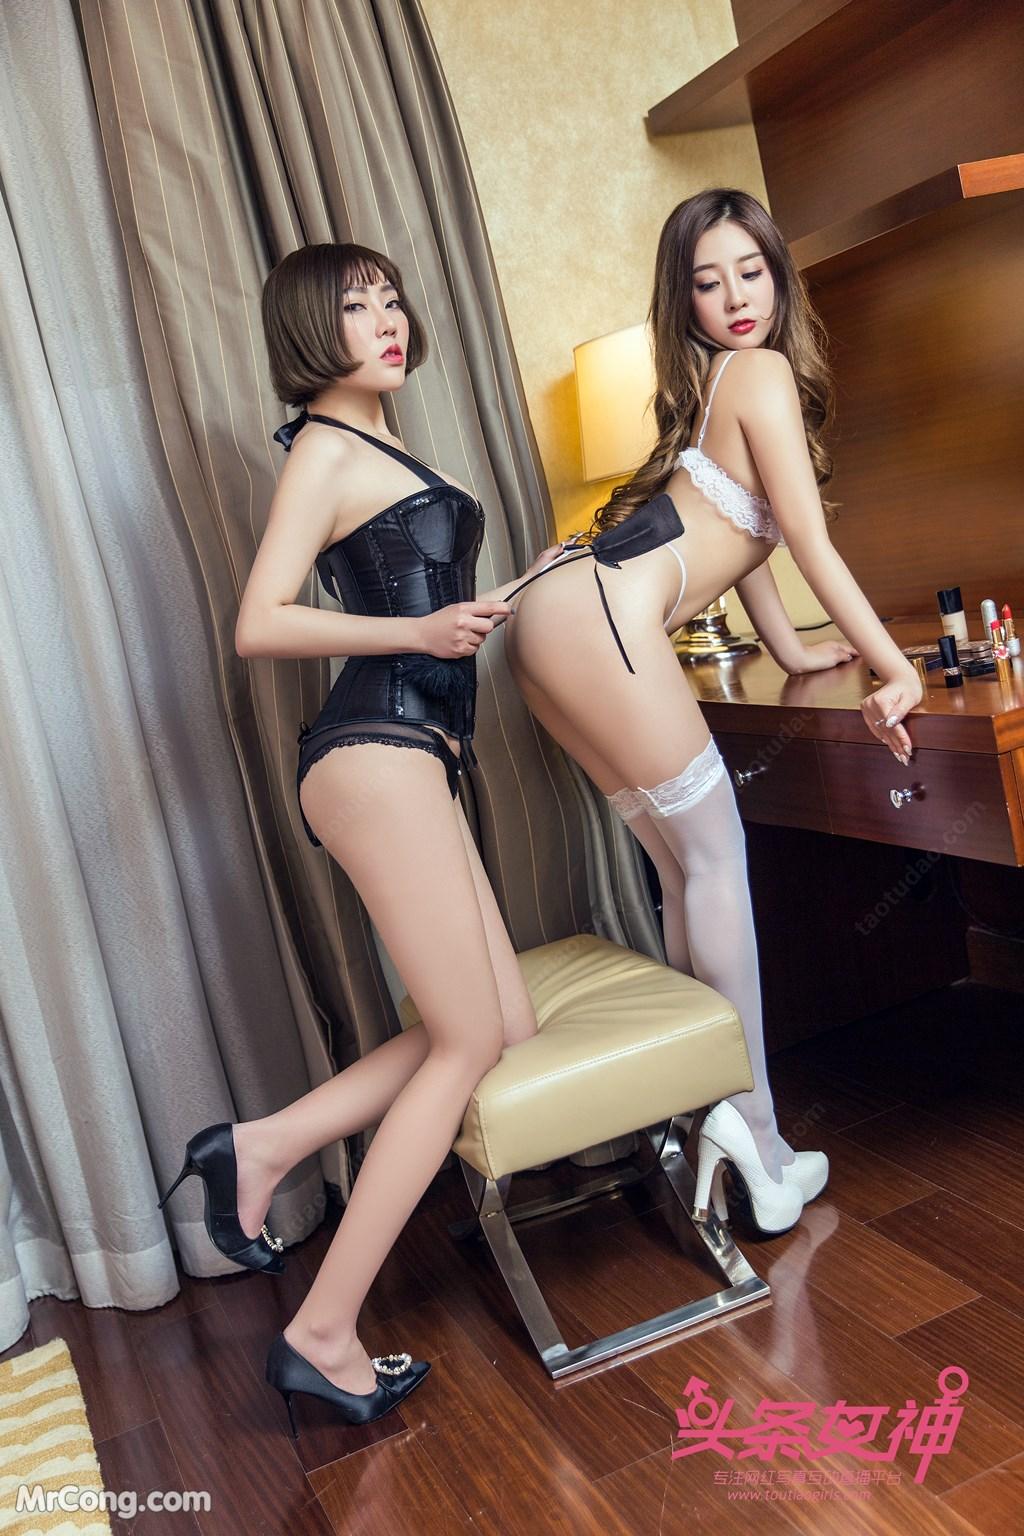 Image TouTiao-2018-03-06-Xiao-Hui-and-Yao-Yao-MrCong.com-003 in post TouTiao 2018-03-06: Người mẫu Xiao Hui (筱慧) & Yao Yao (药药) (34 ảnh)